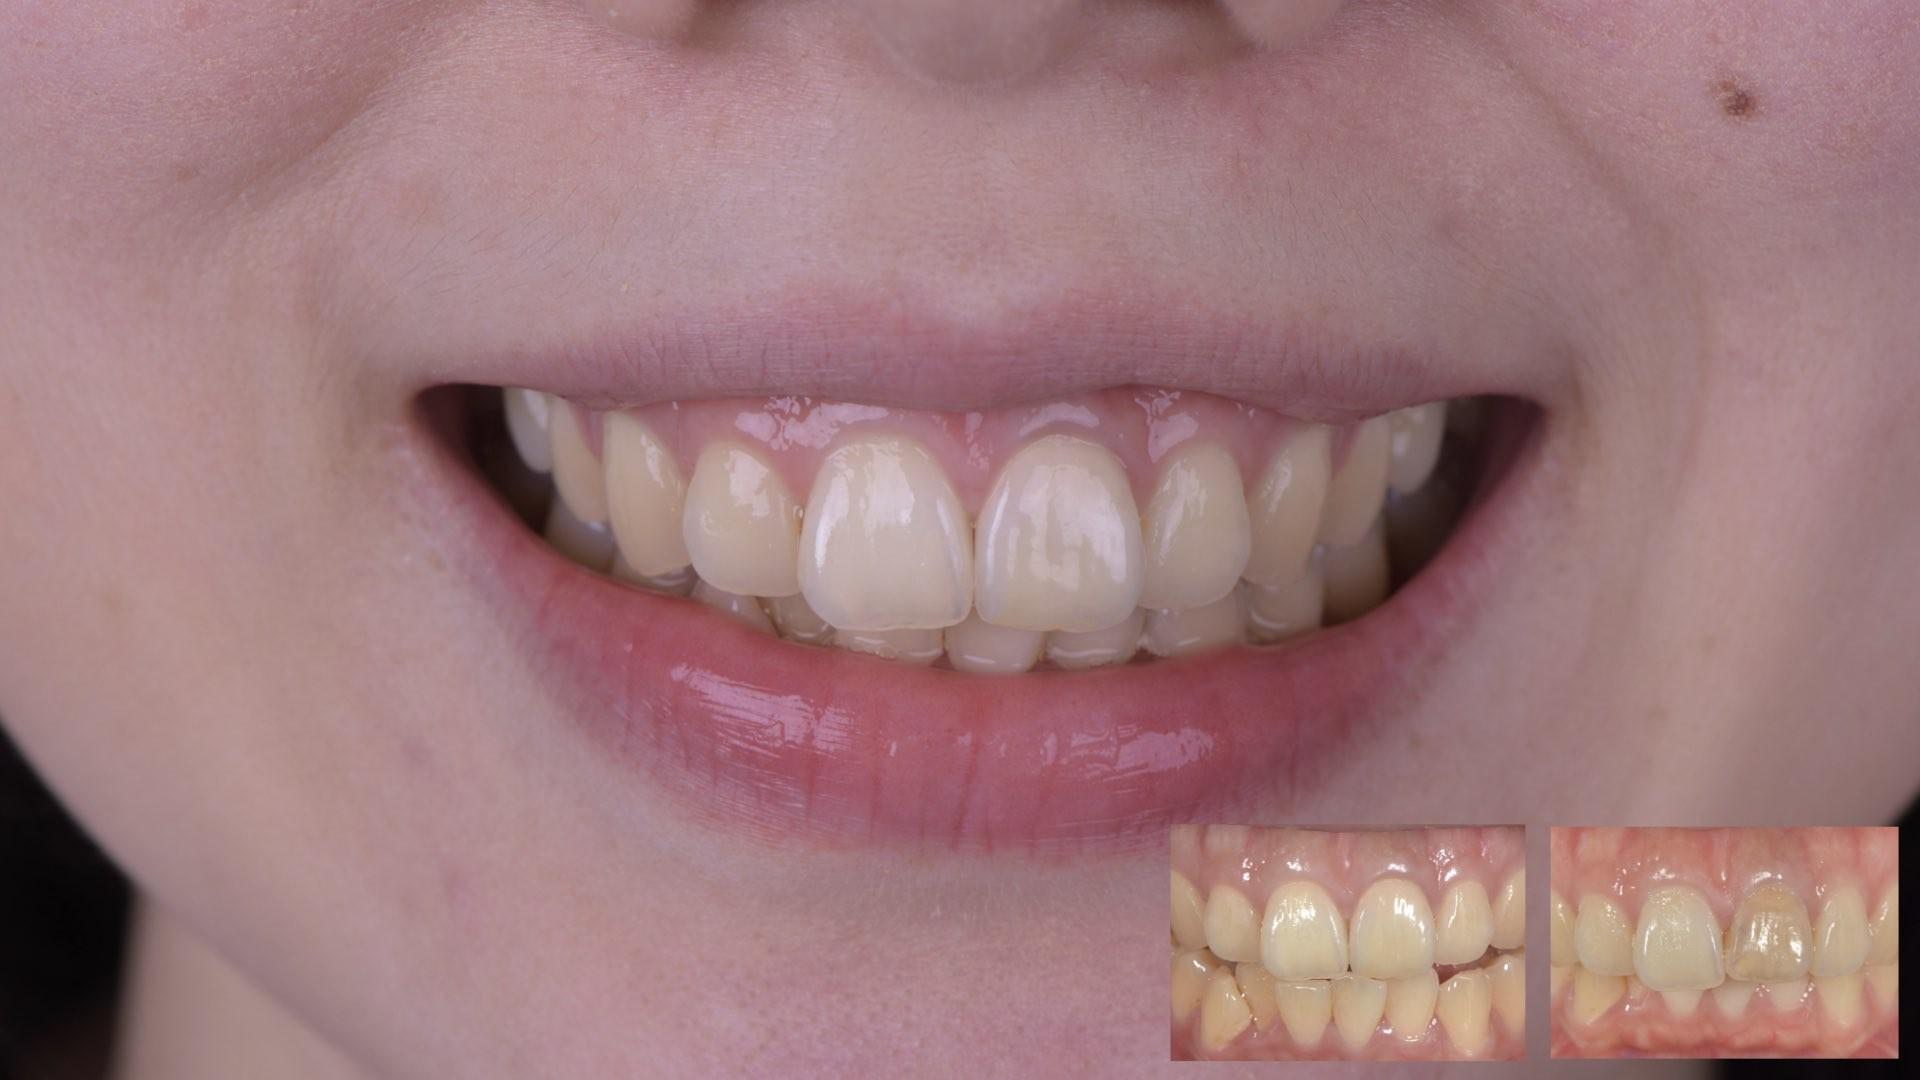 牙齒變黑了怎麼辦?part II:根管治療後,不只牙齒顏色變深,牙齦也黑黑的。